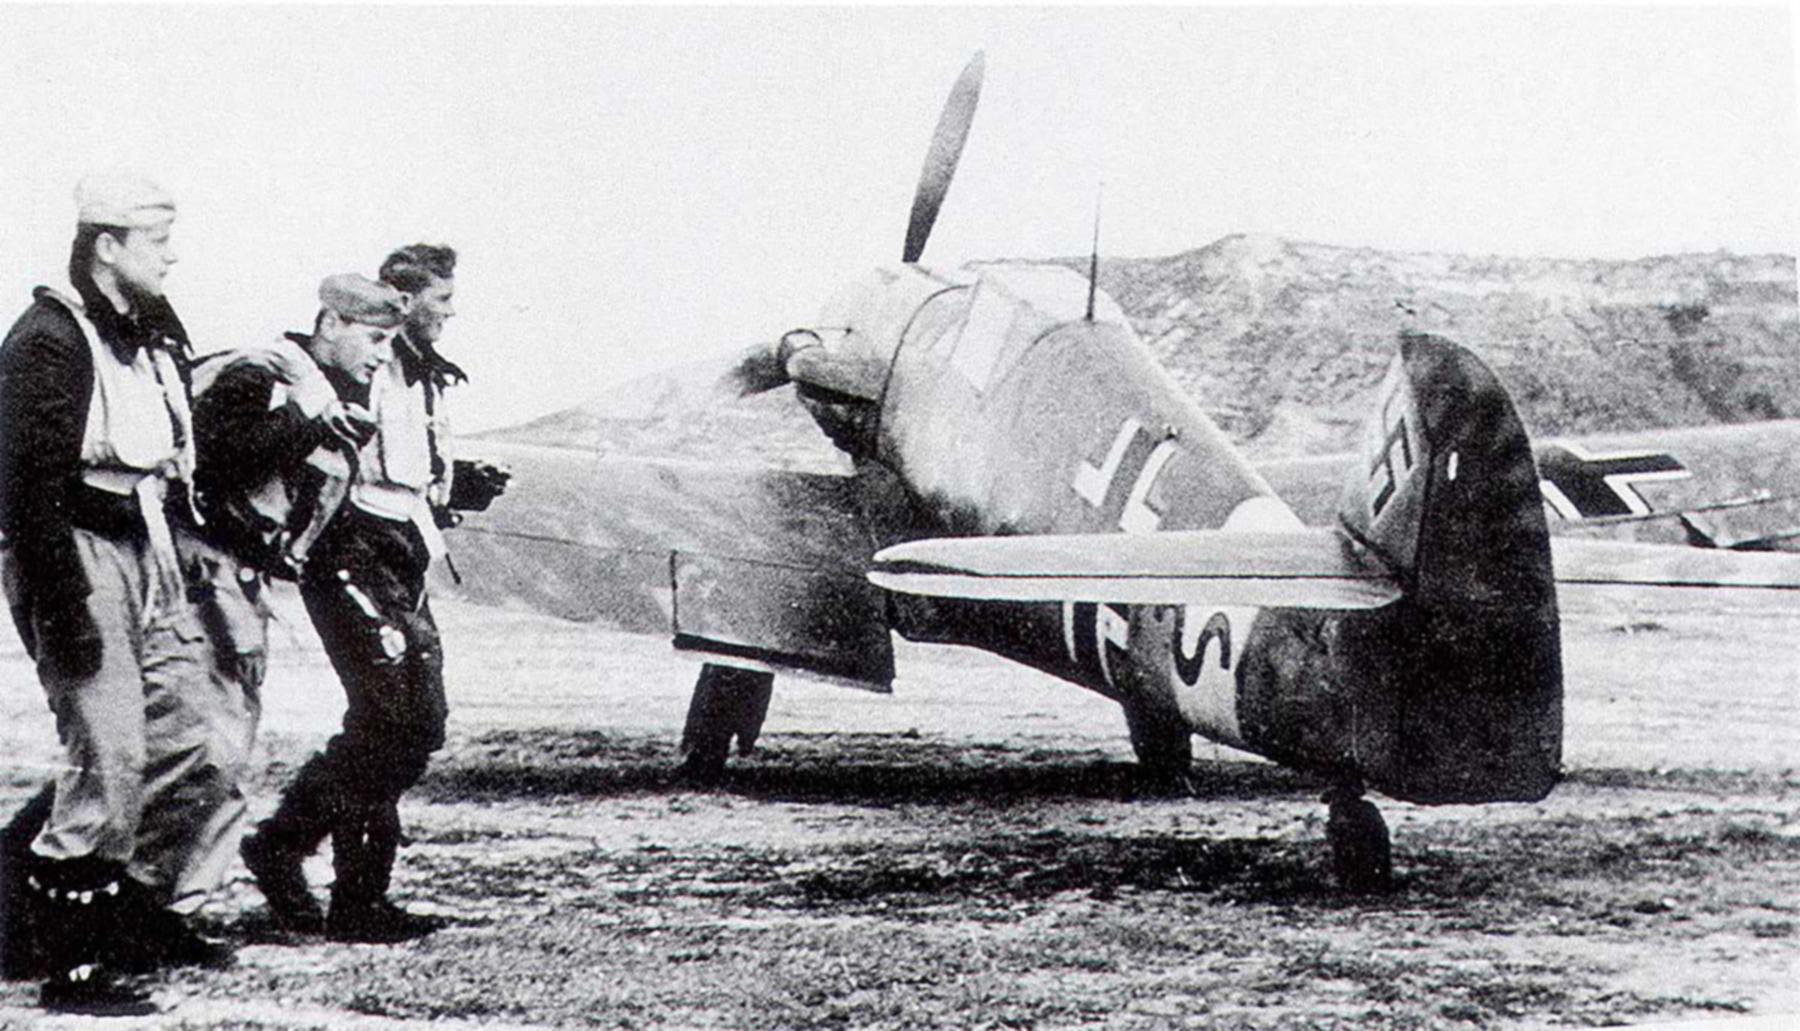 Messerschmitt Bf 109F4Trop 8.JG27 Red 2 Gadurra AF Rhodes Greece Feb 1943 02